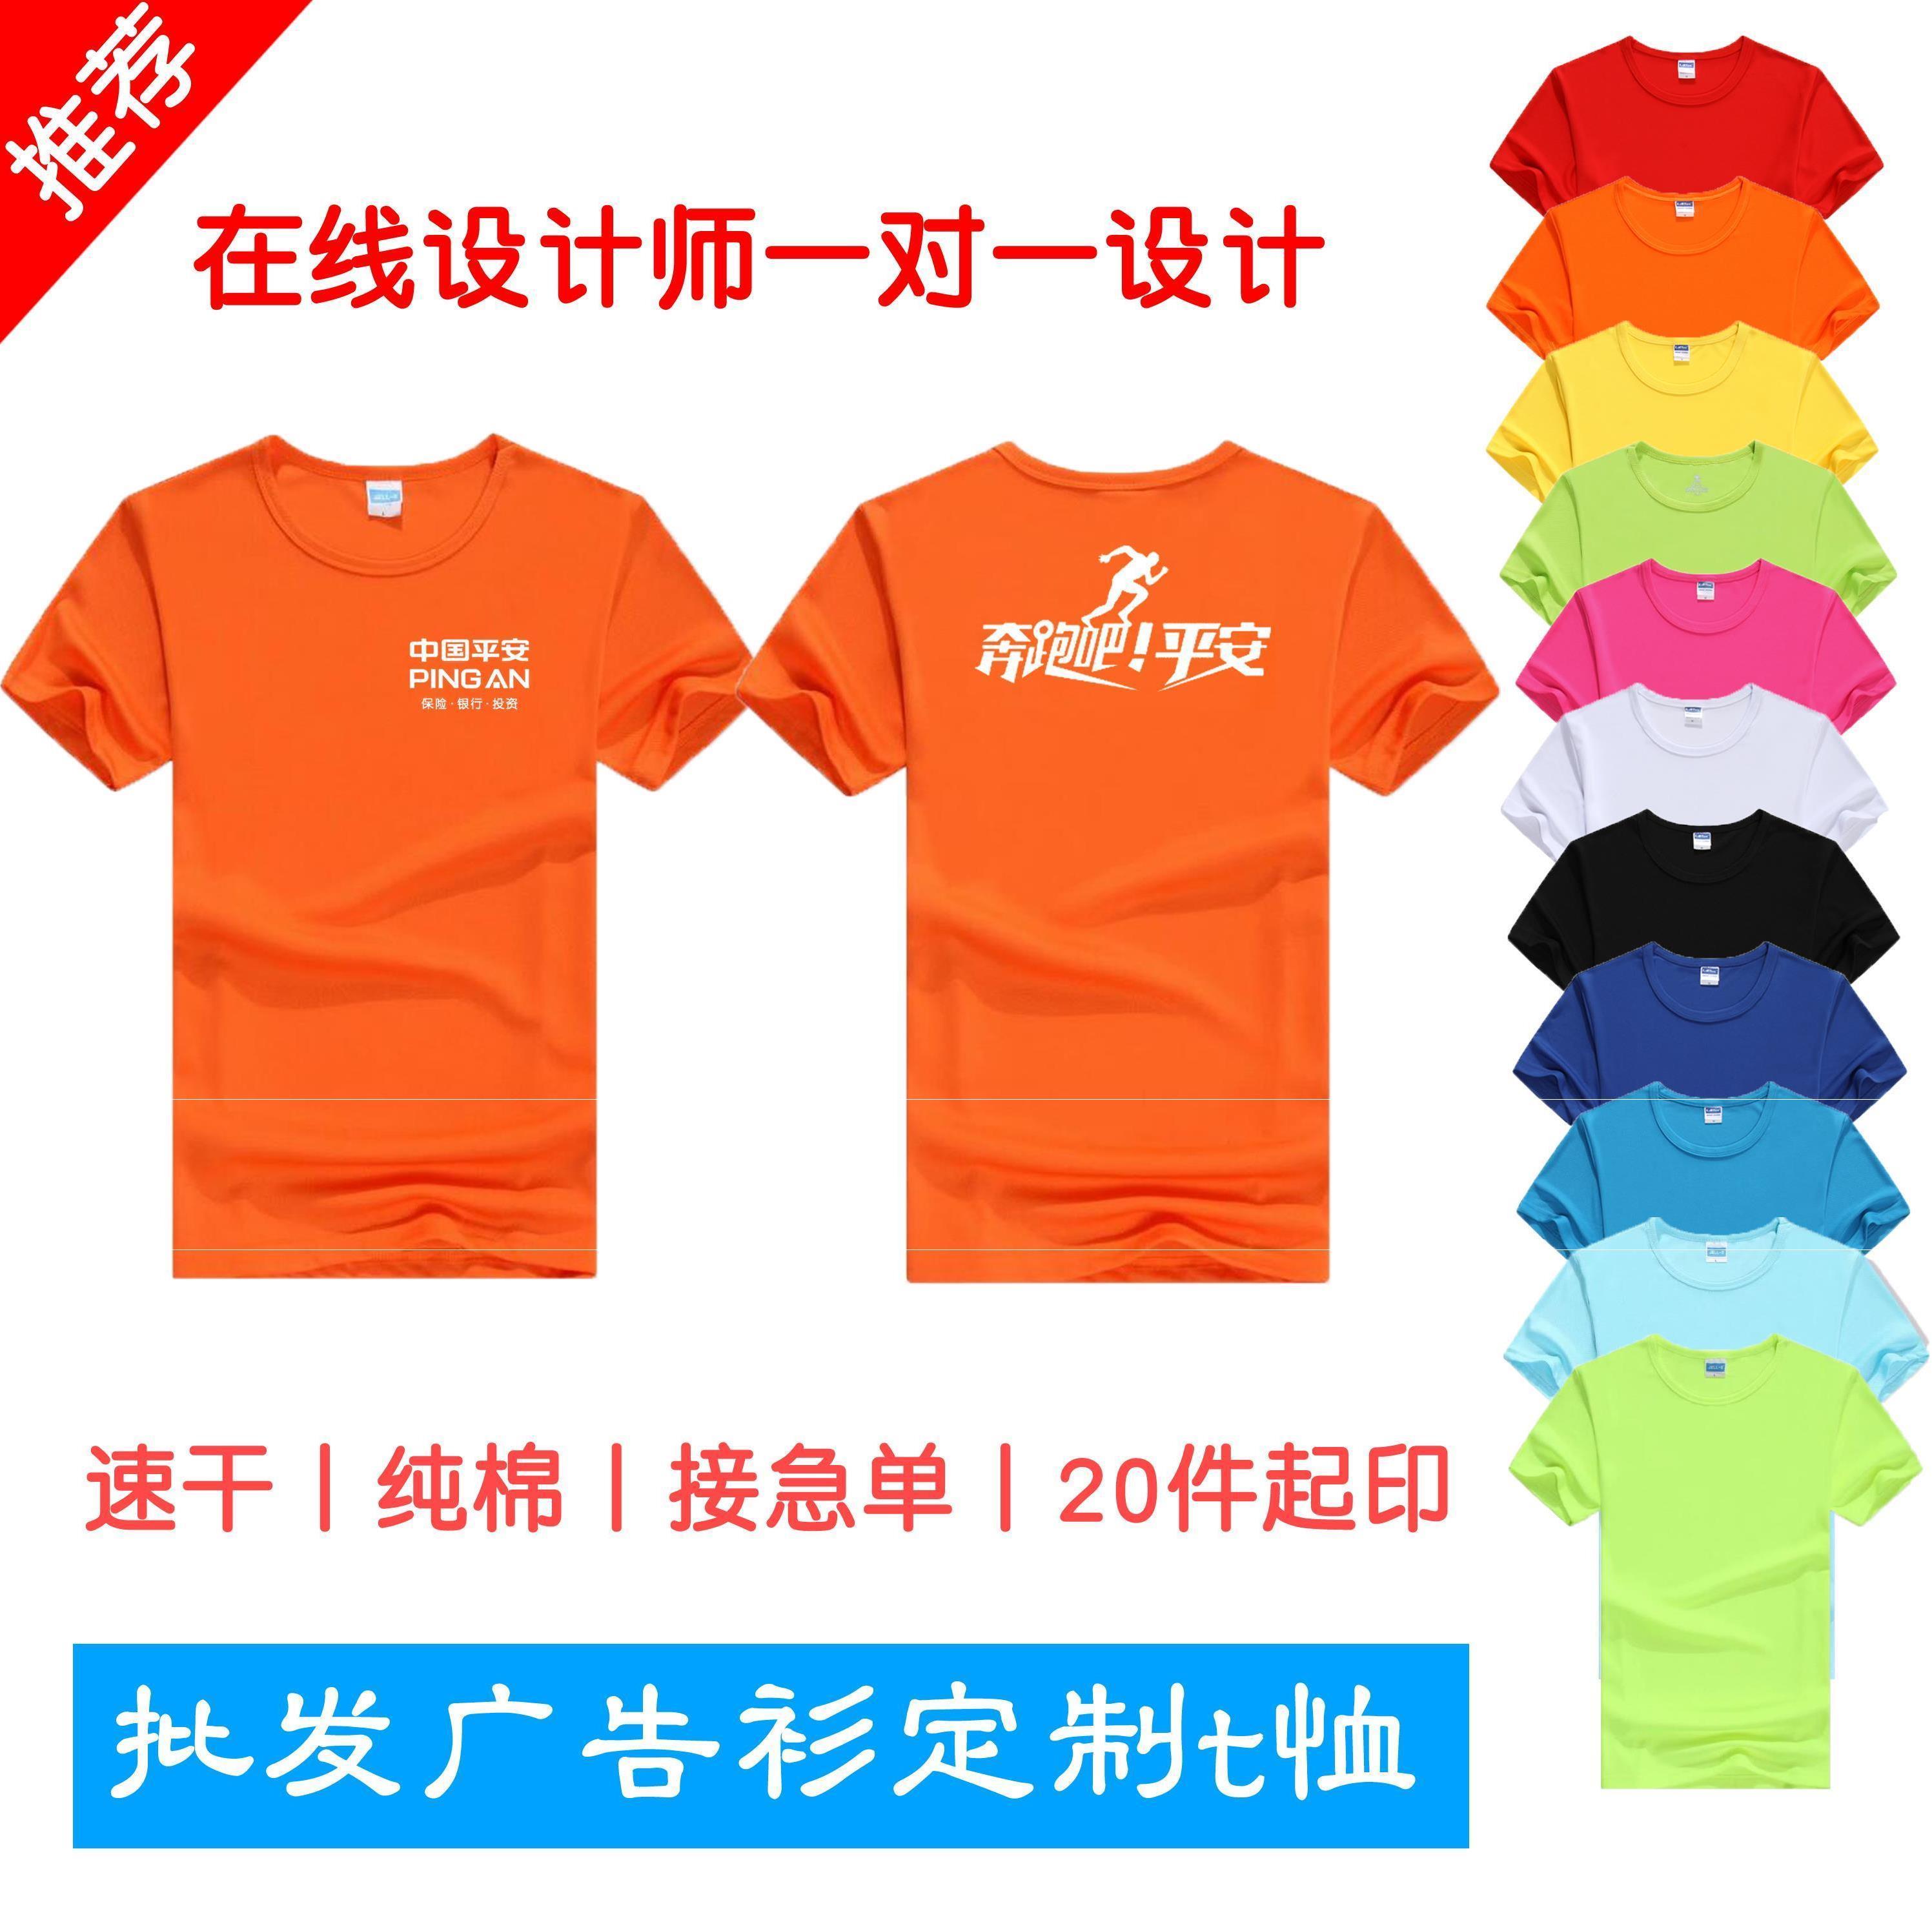 志愿者女毕业夏令营t恤广告衫定制印logo短袖情侣装水果店街舞班